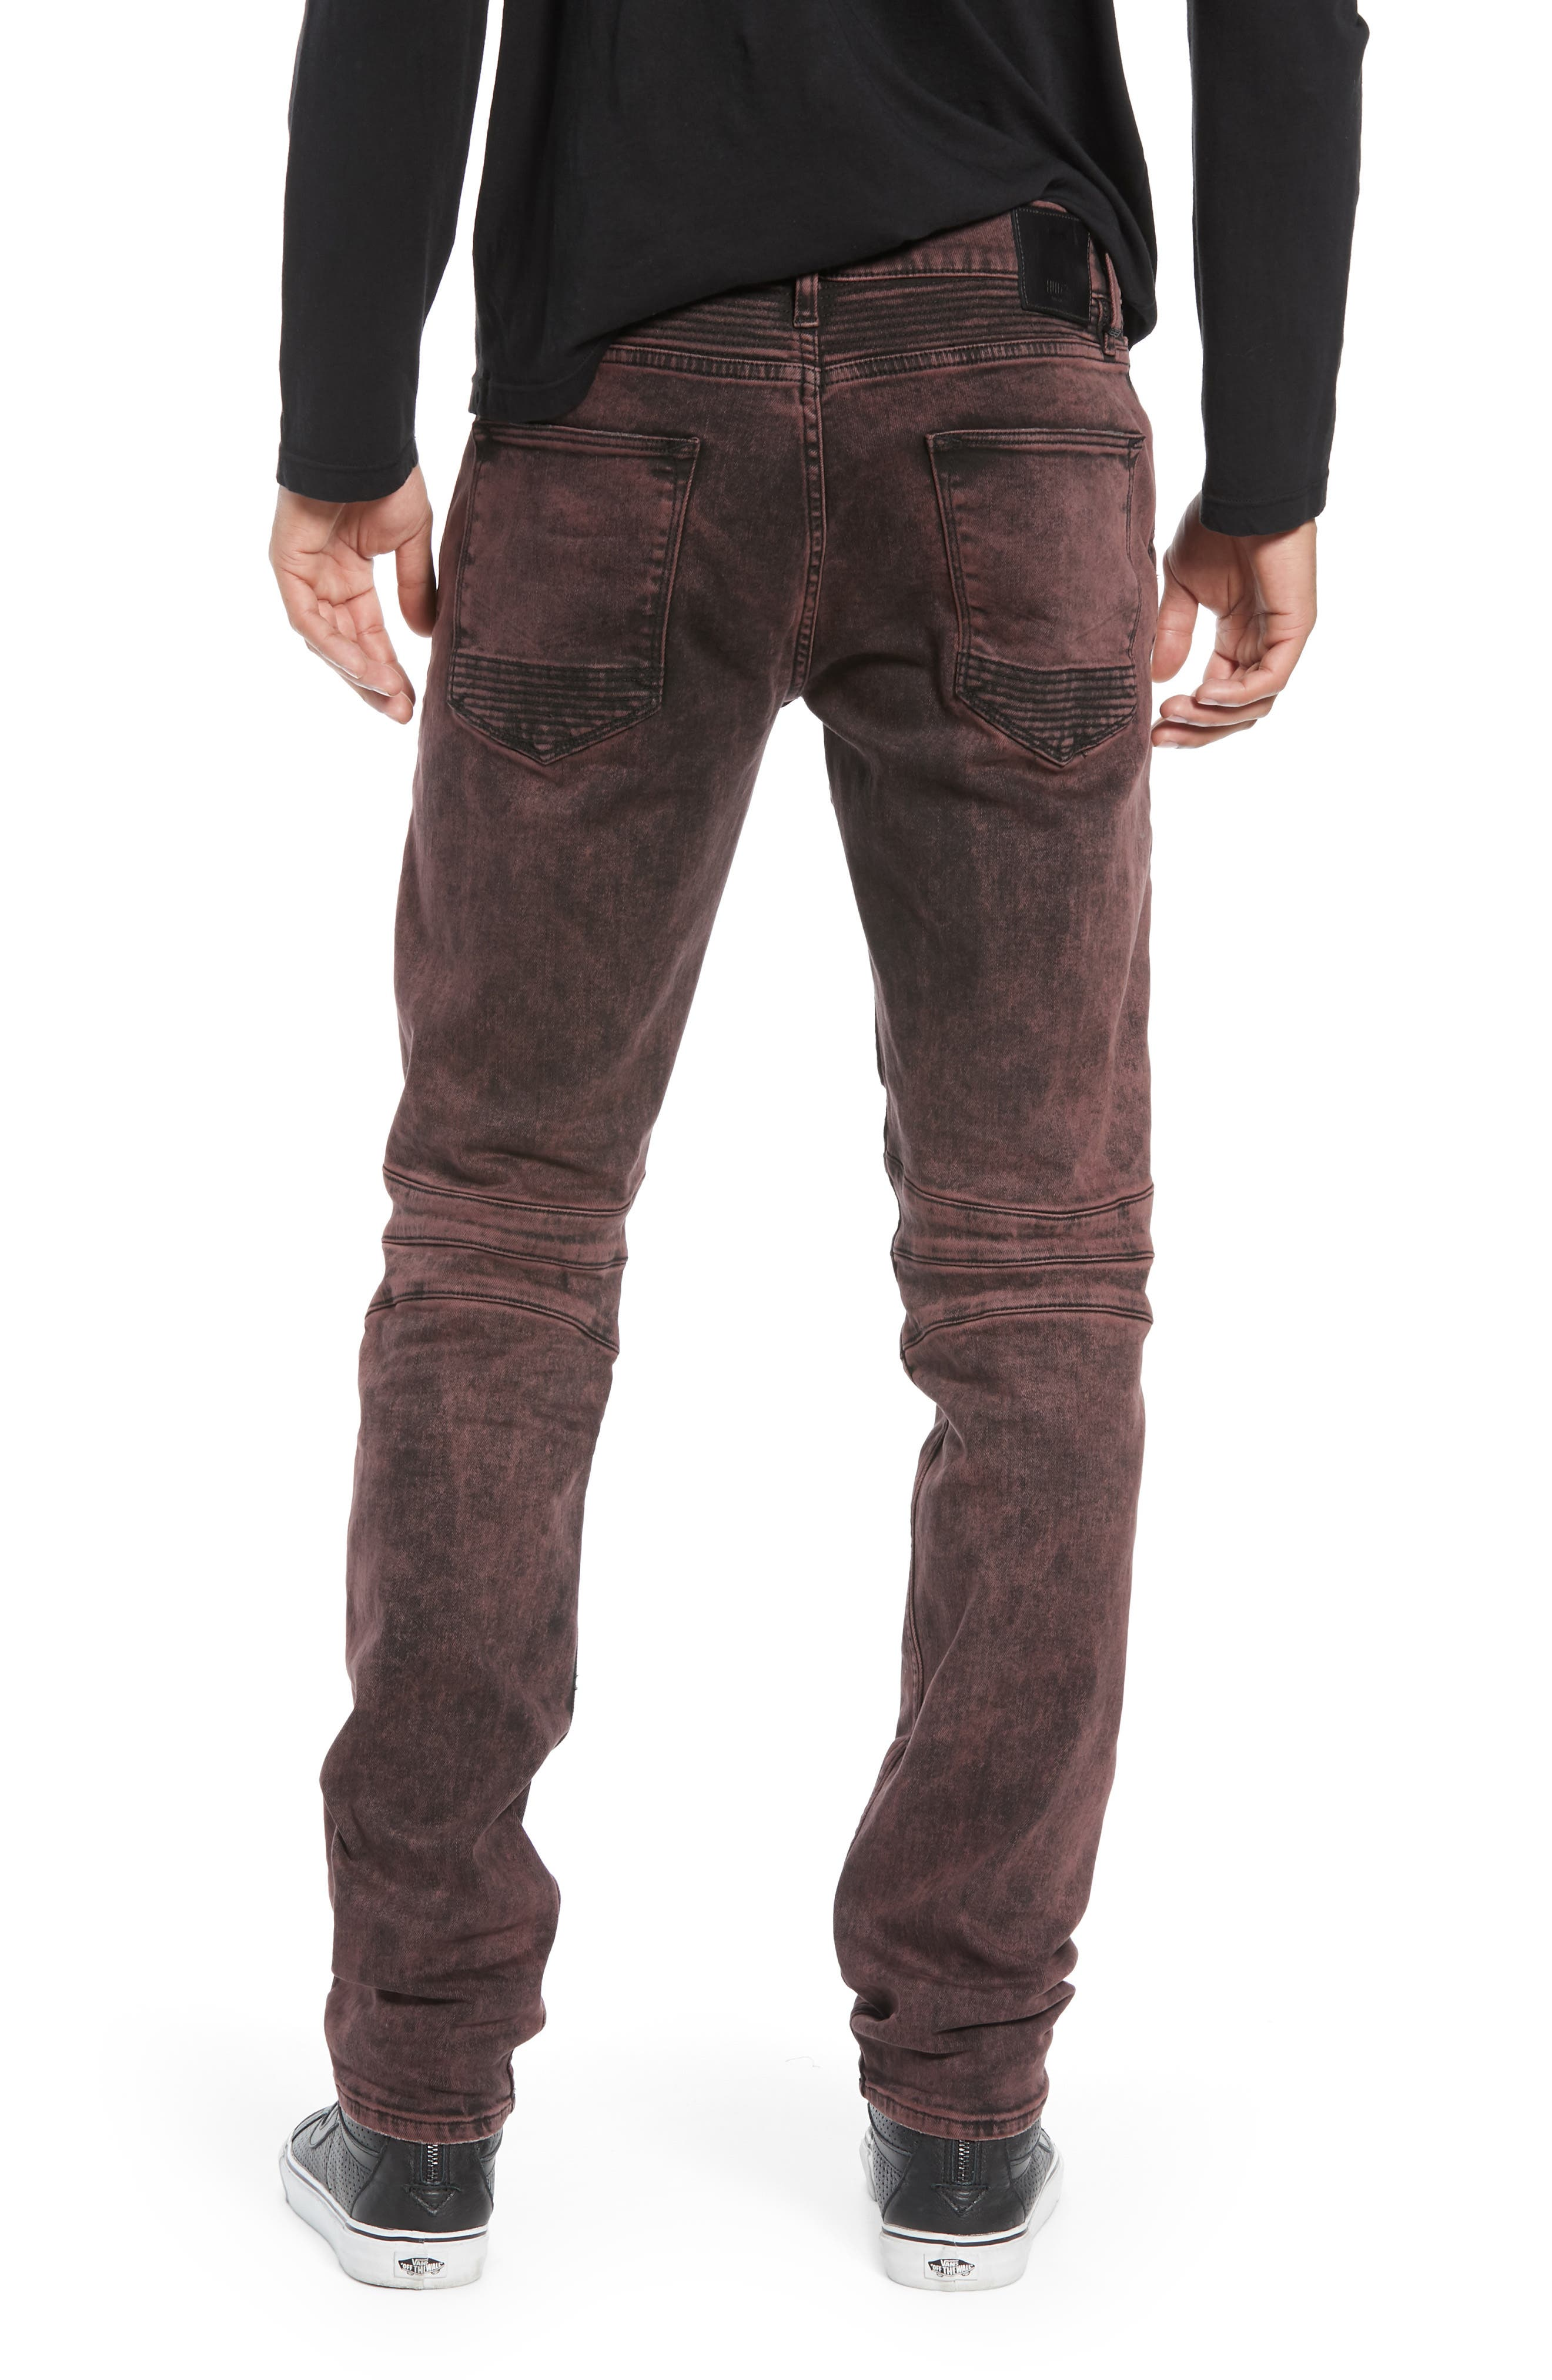 HUDSON JEANS, Blinder Biker Skinny Fit Jeans, Alternate thumbnail 2, color, FADED OX BLOOD